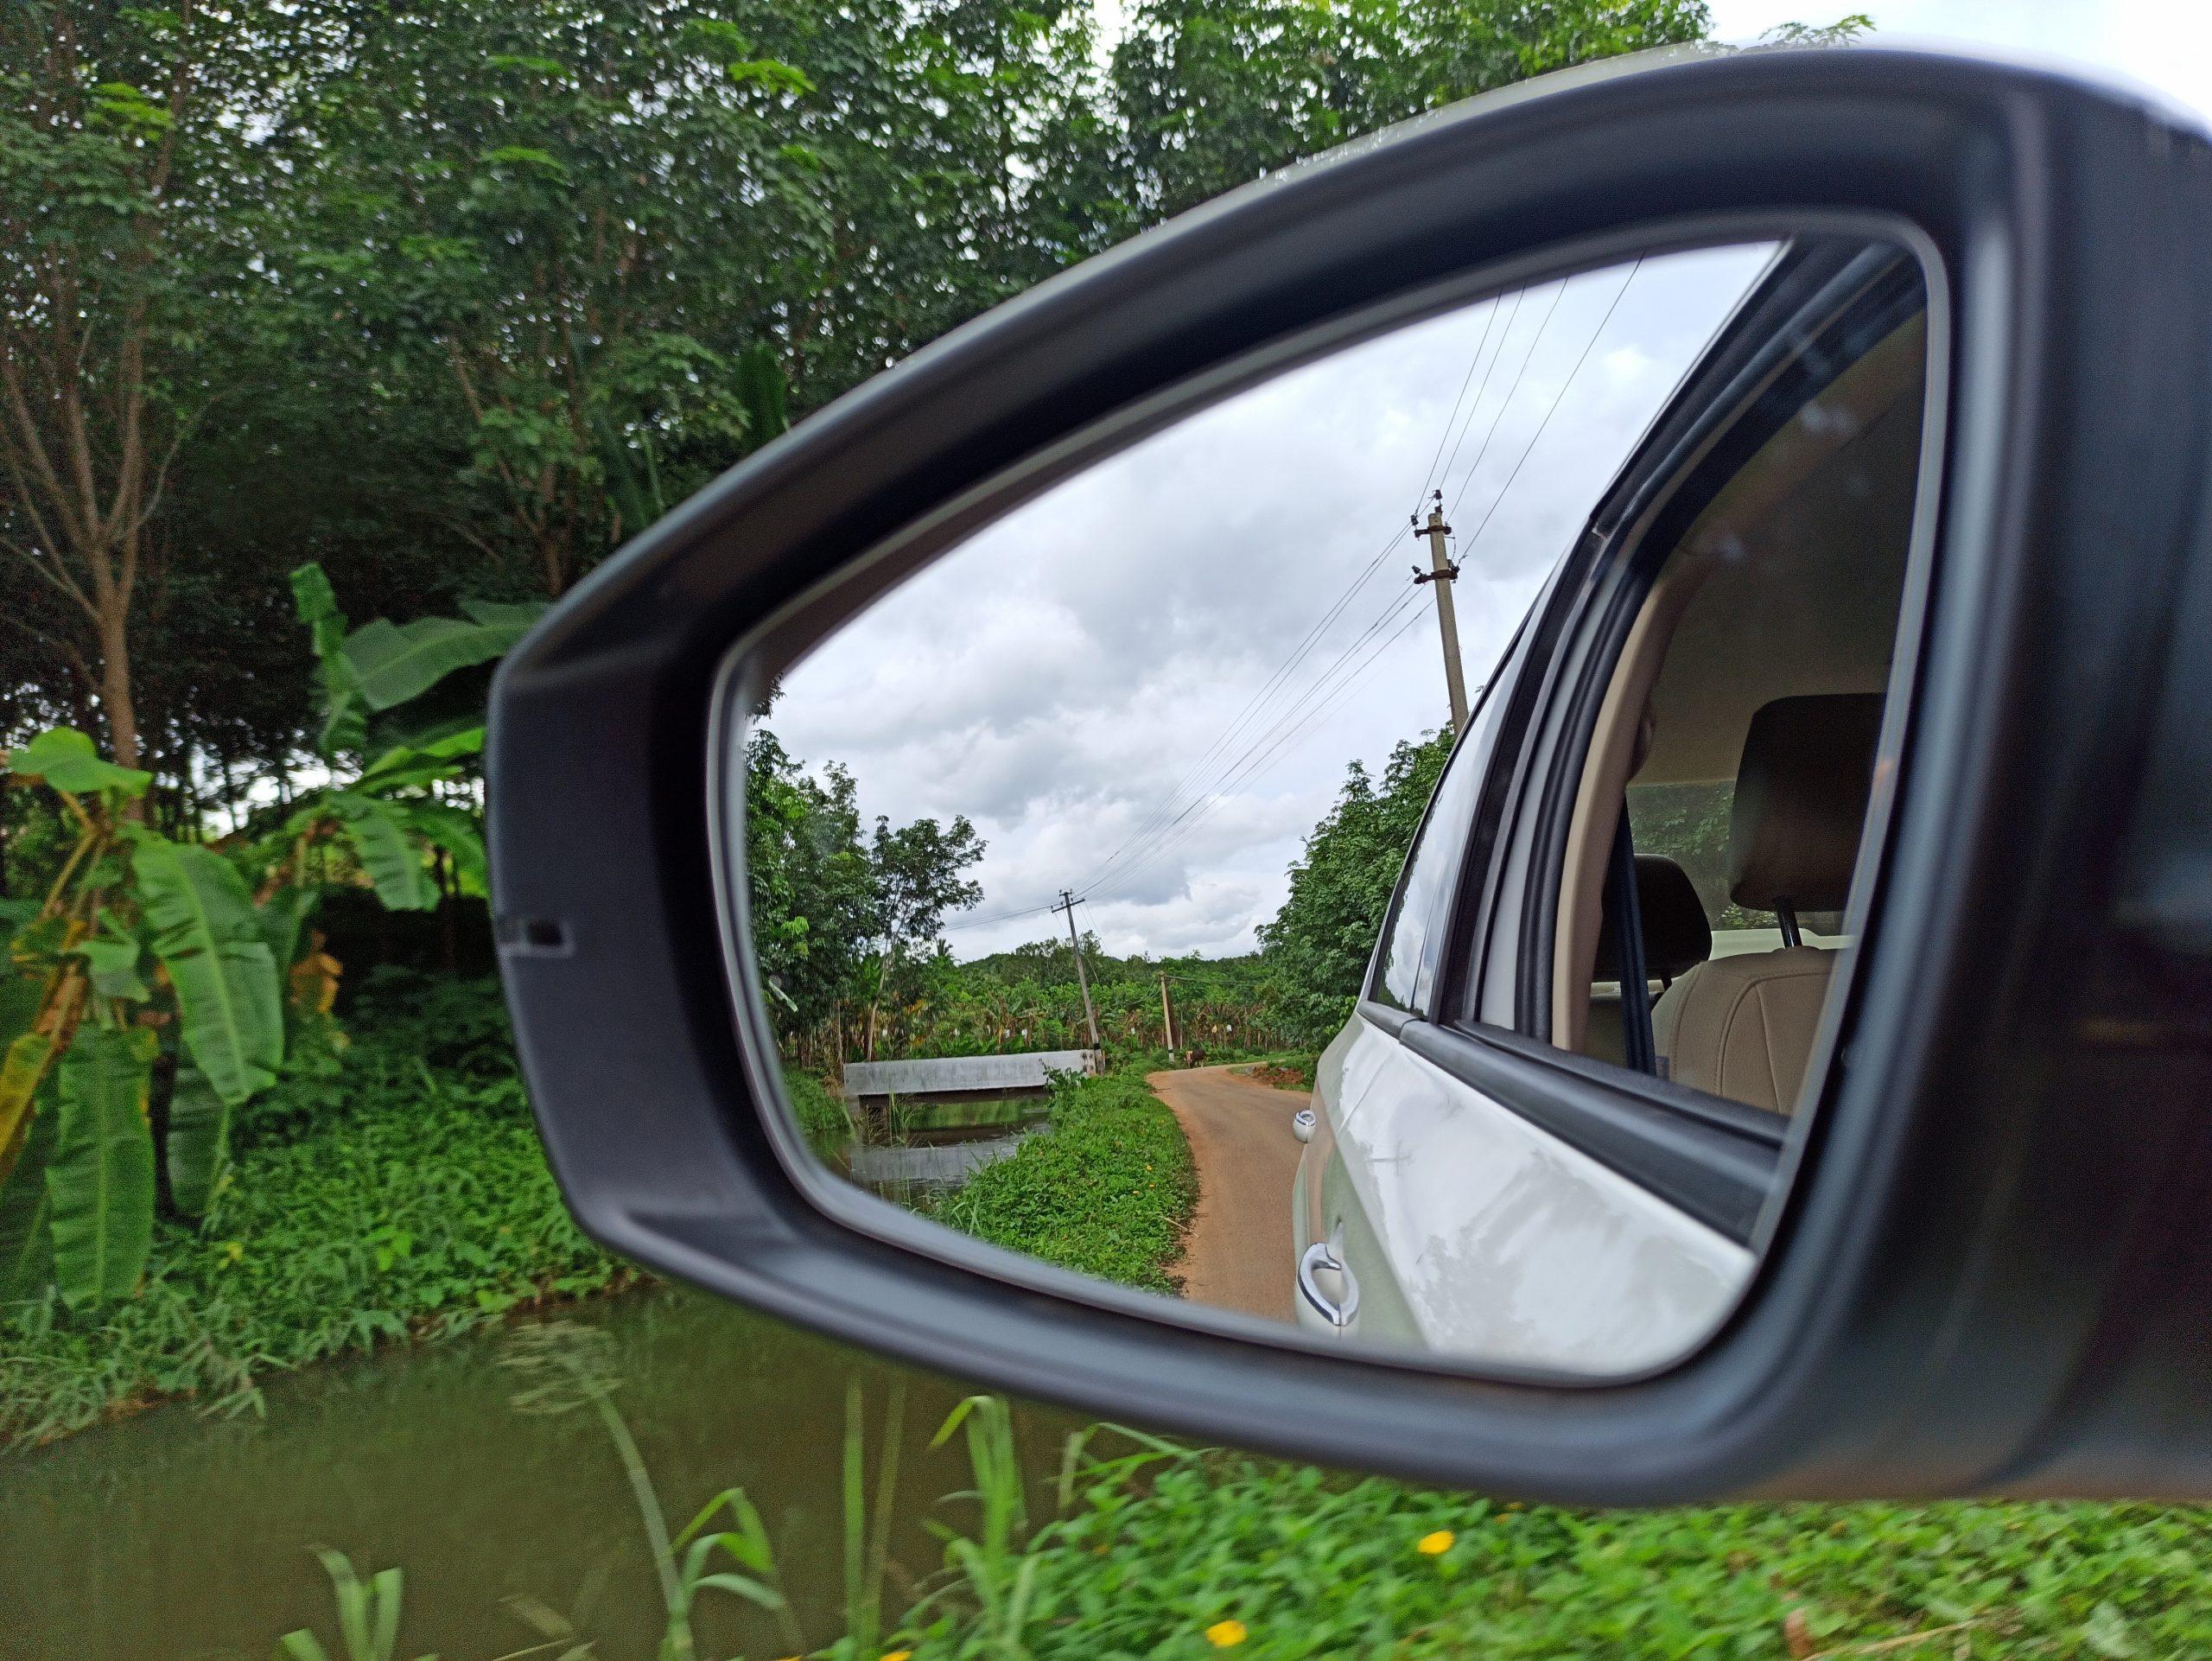 Admiring nature through mirror